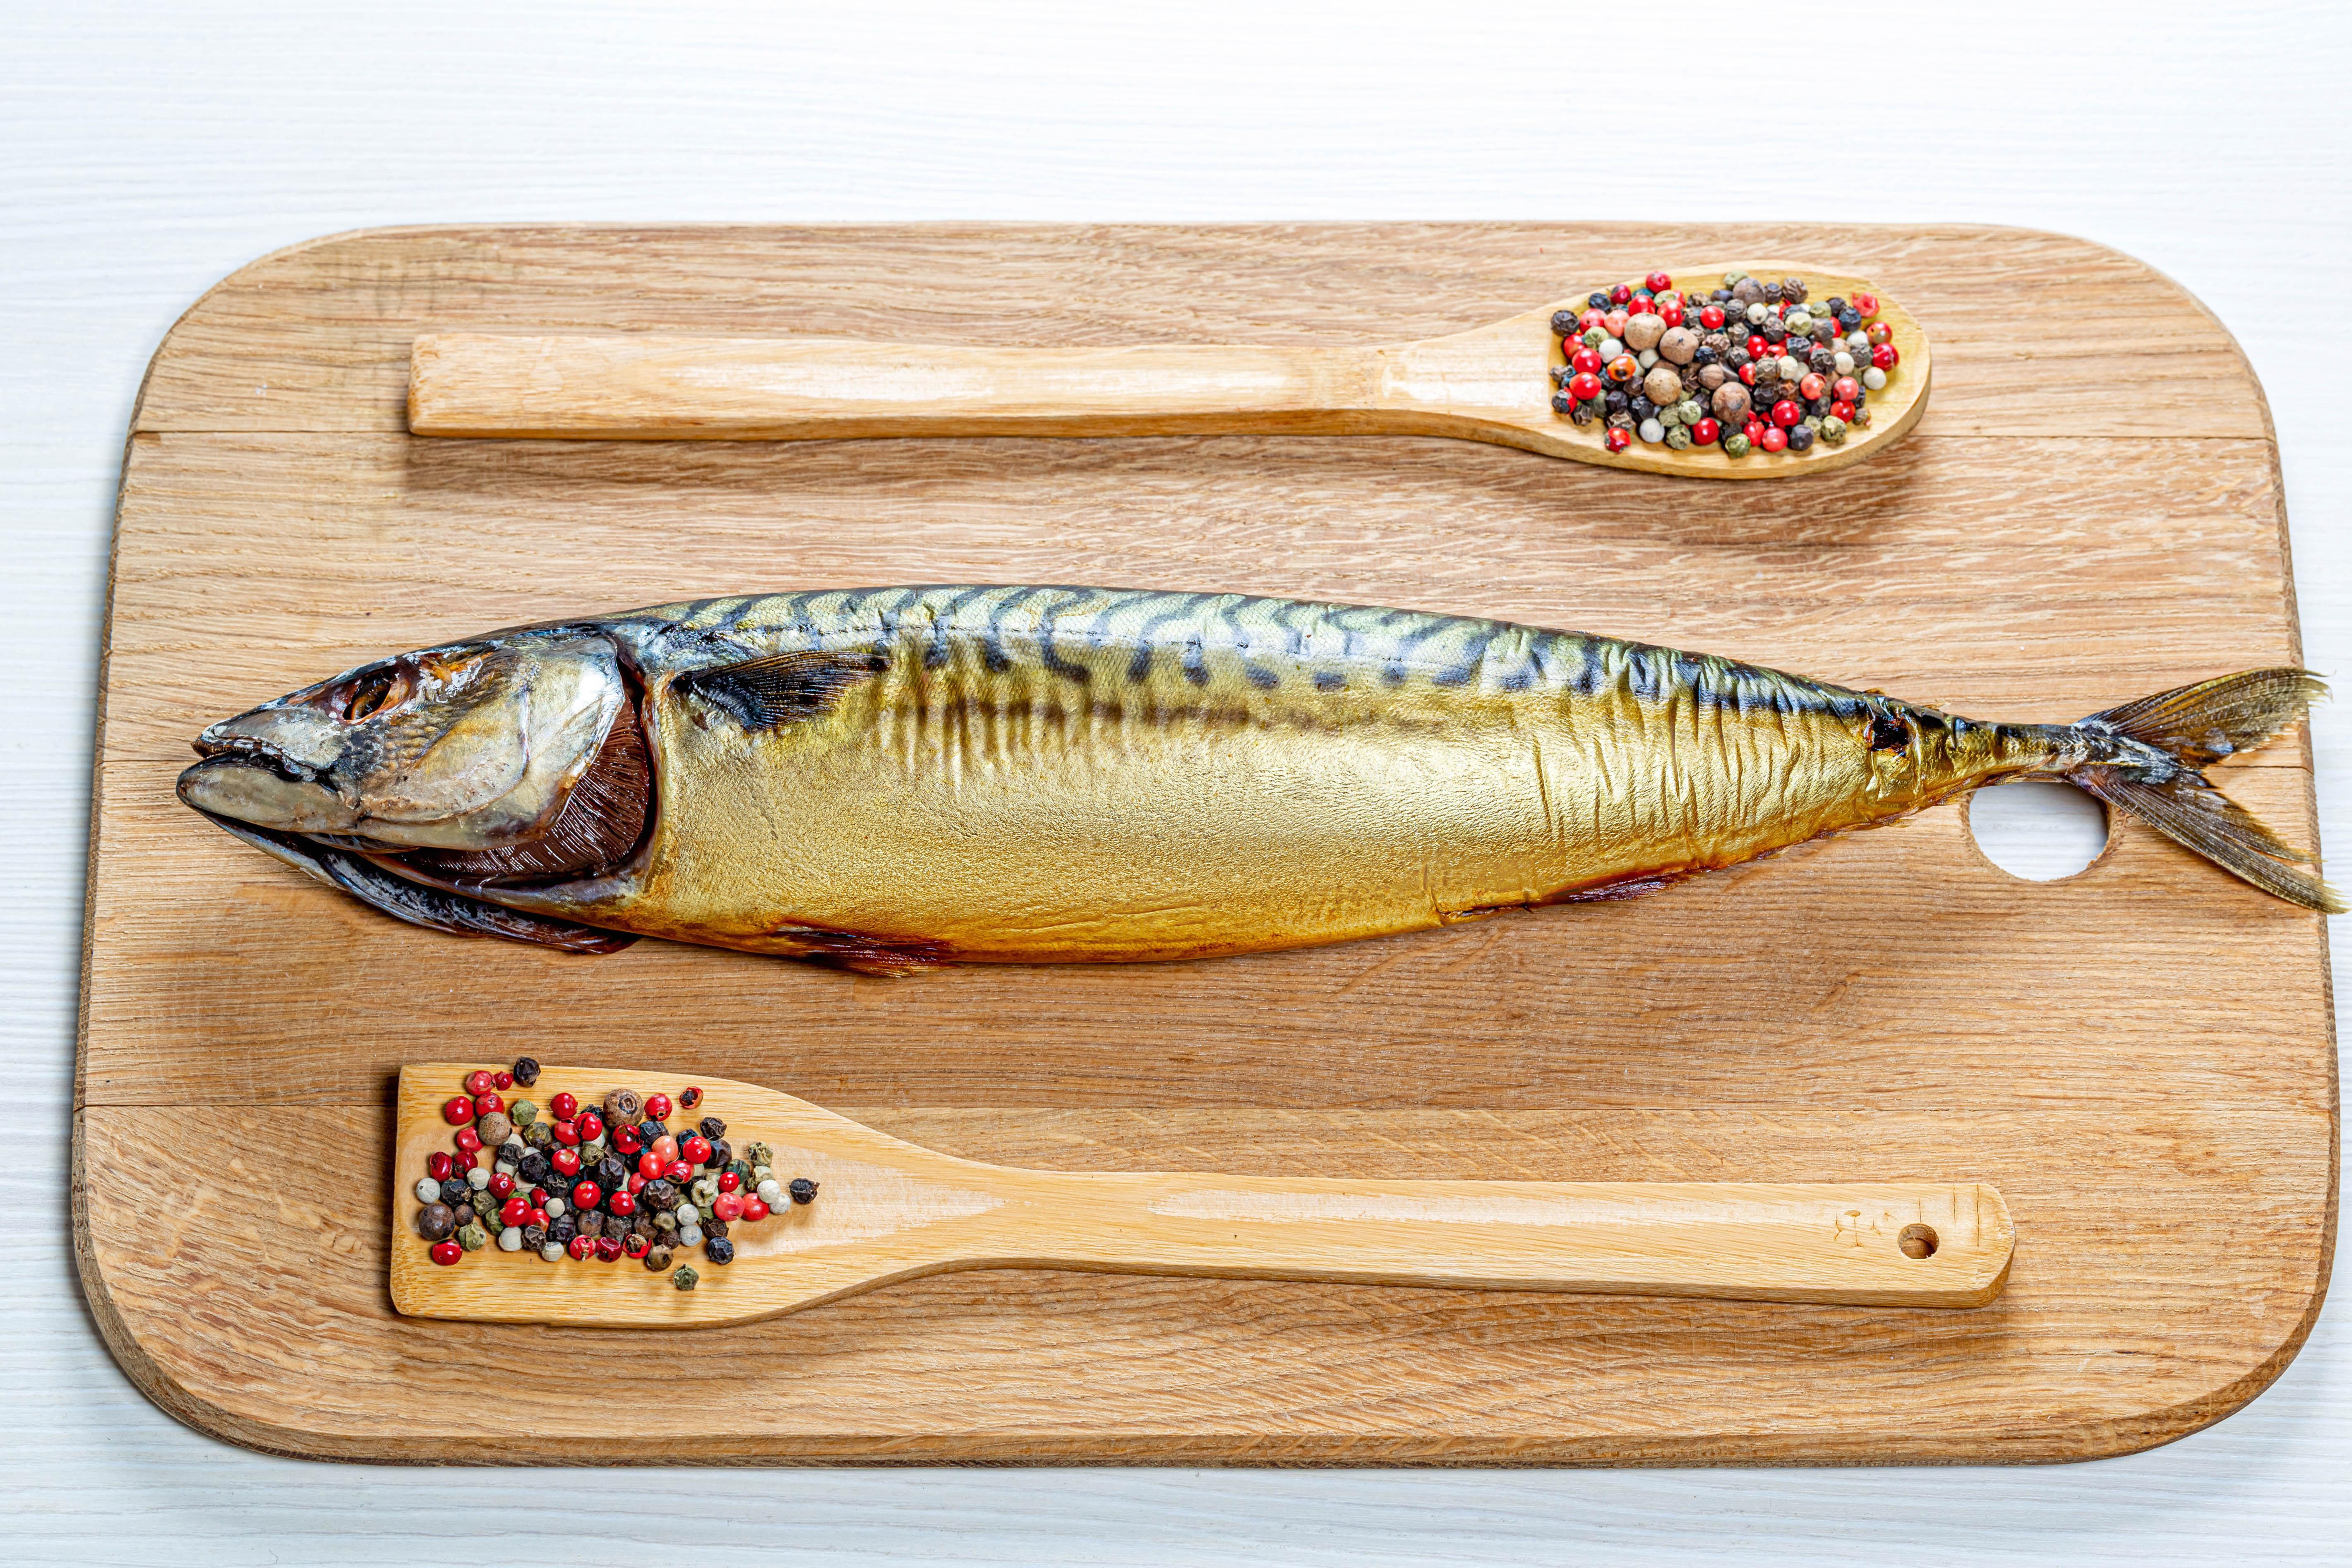 Обои для рабочего стола Перец чёрный Рыба Пища ложки приправы Разделочная доска 5684x3789 Еда Ложка Специи пряности Продукты питания разделочной доске